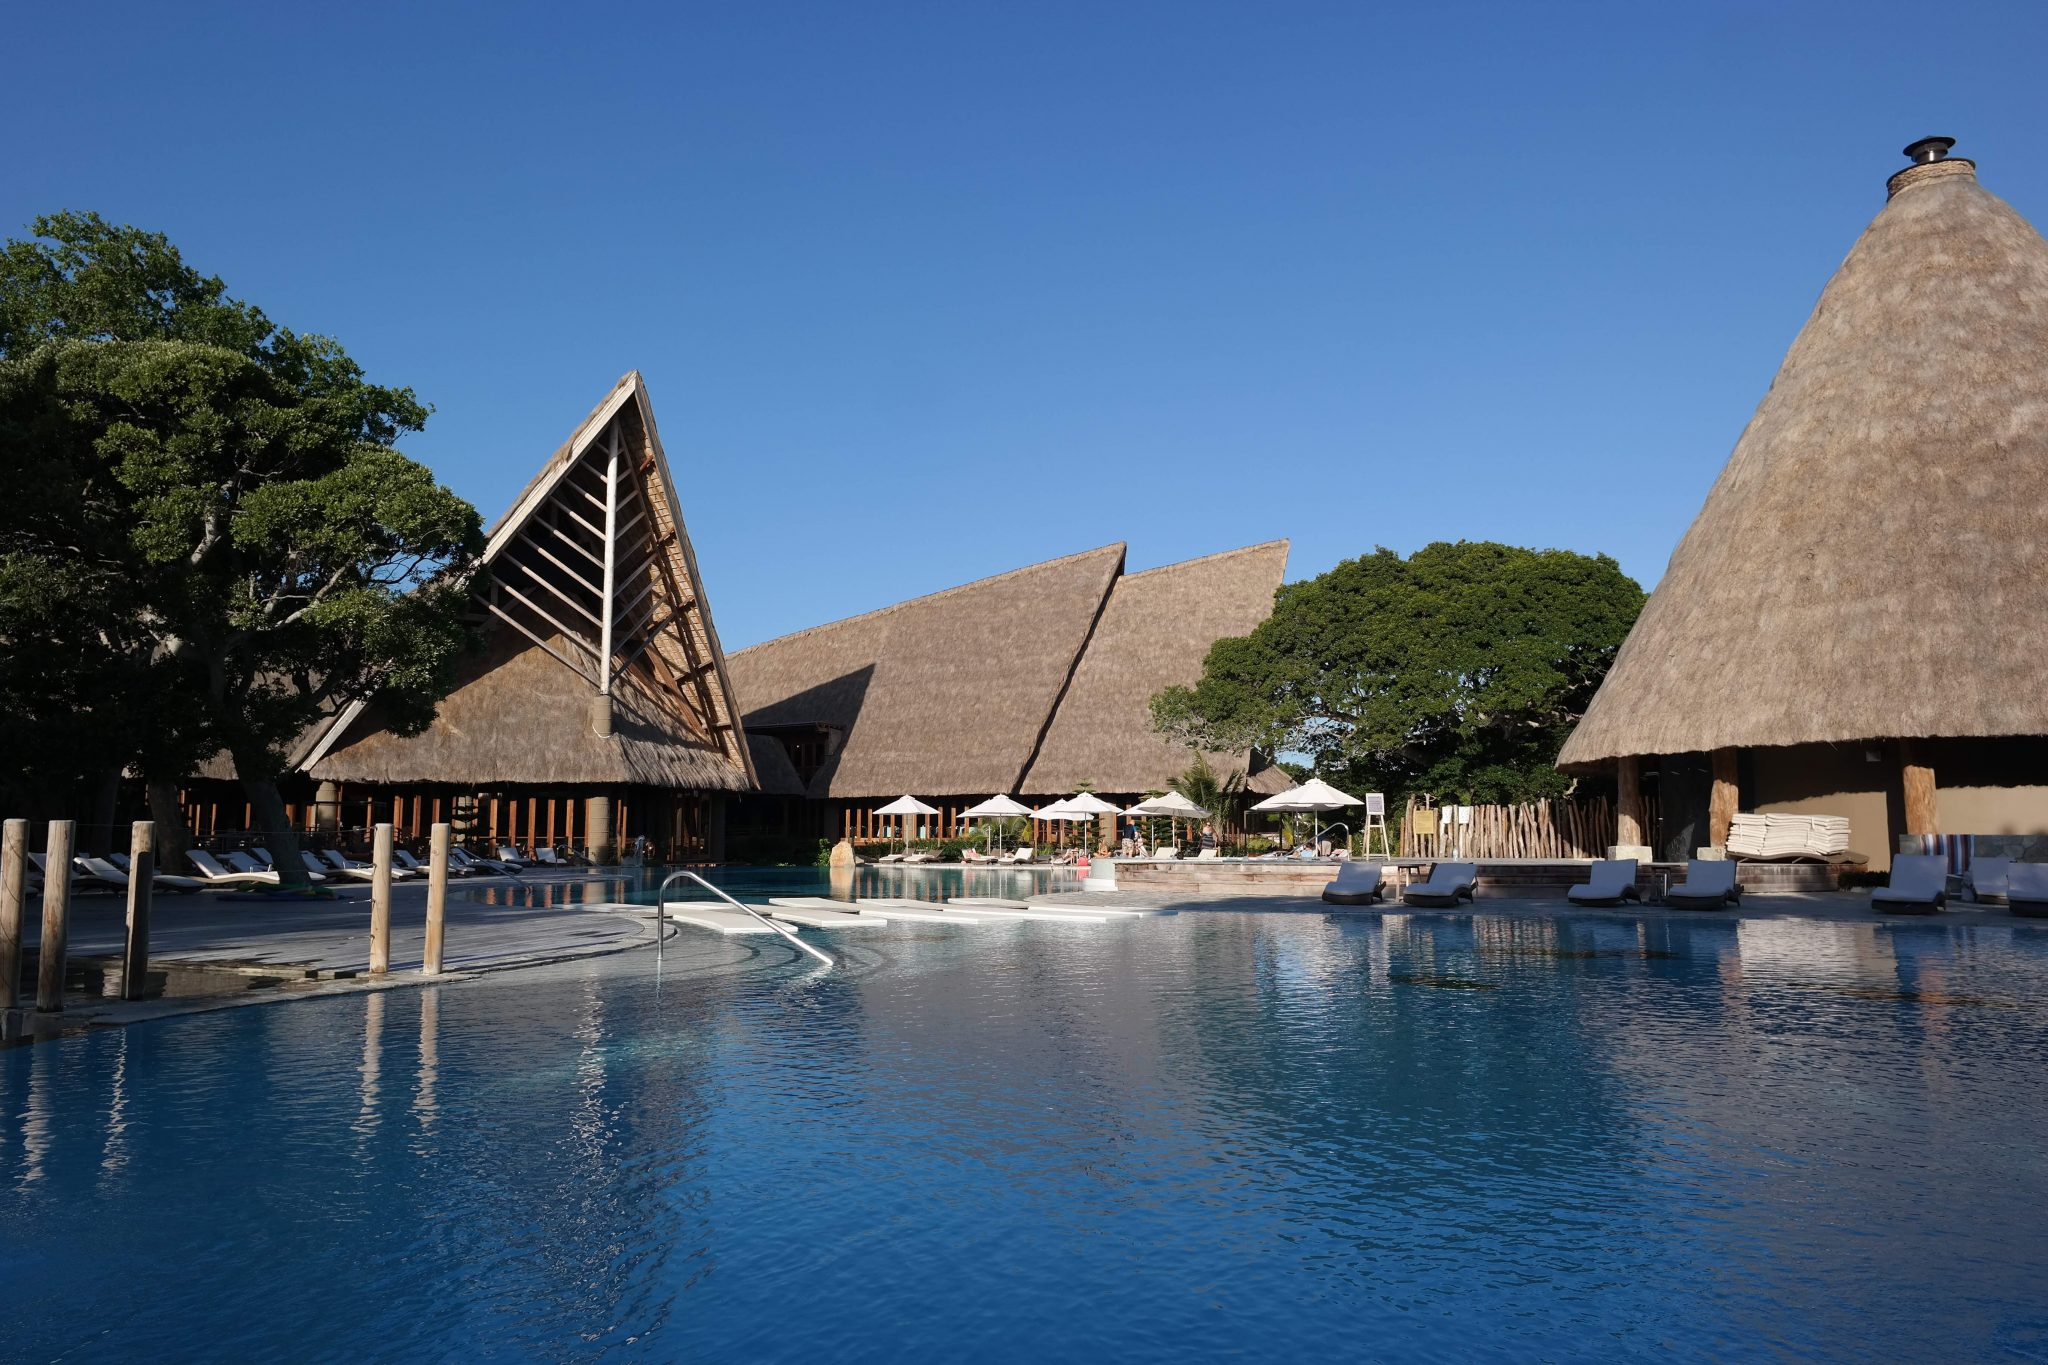 Nieuw-Caledonië: aards paradijs zkt. toeristen - 3